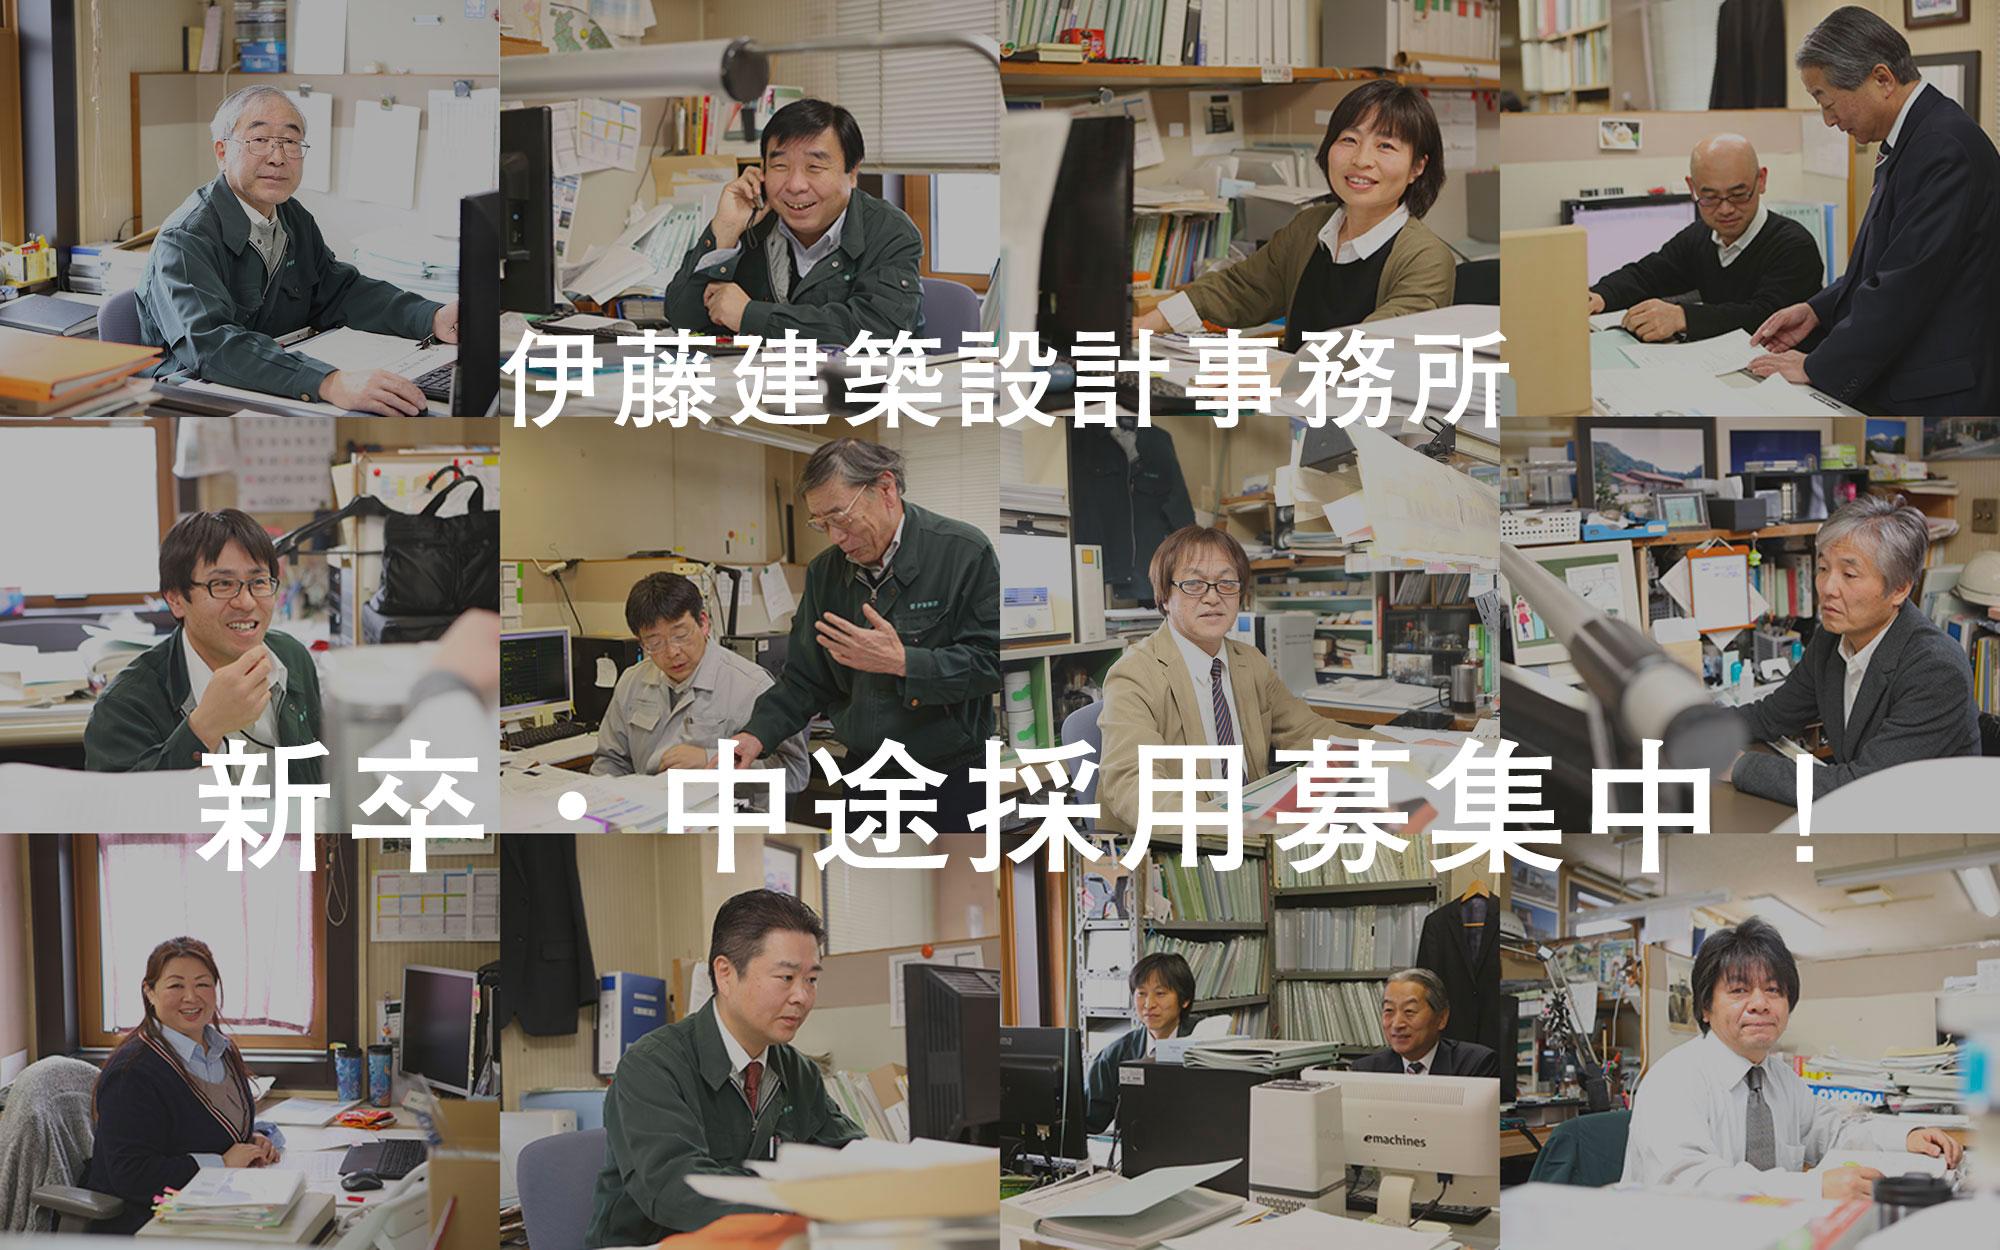 松本市伊藤建築設計事務所の採用情報